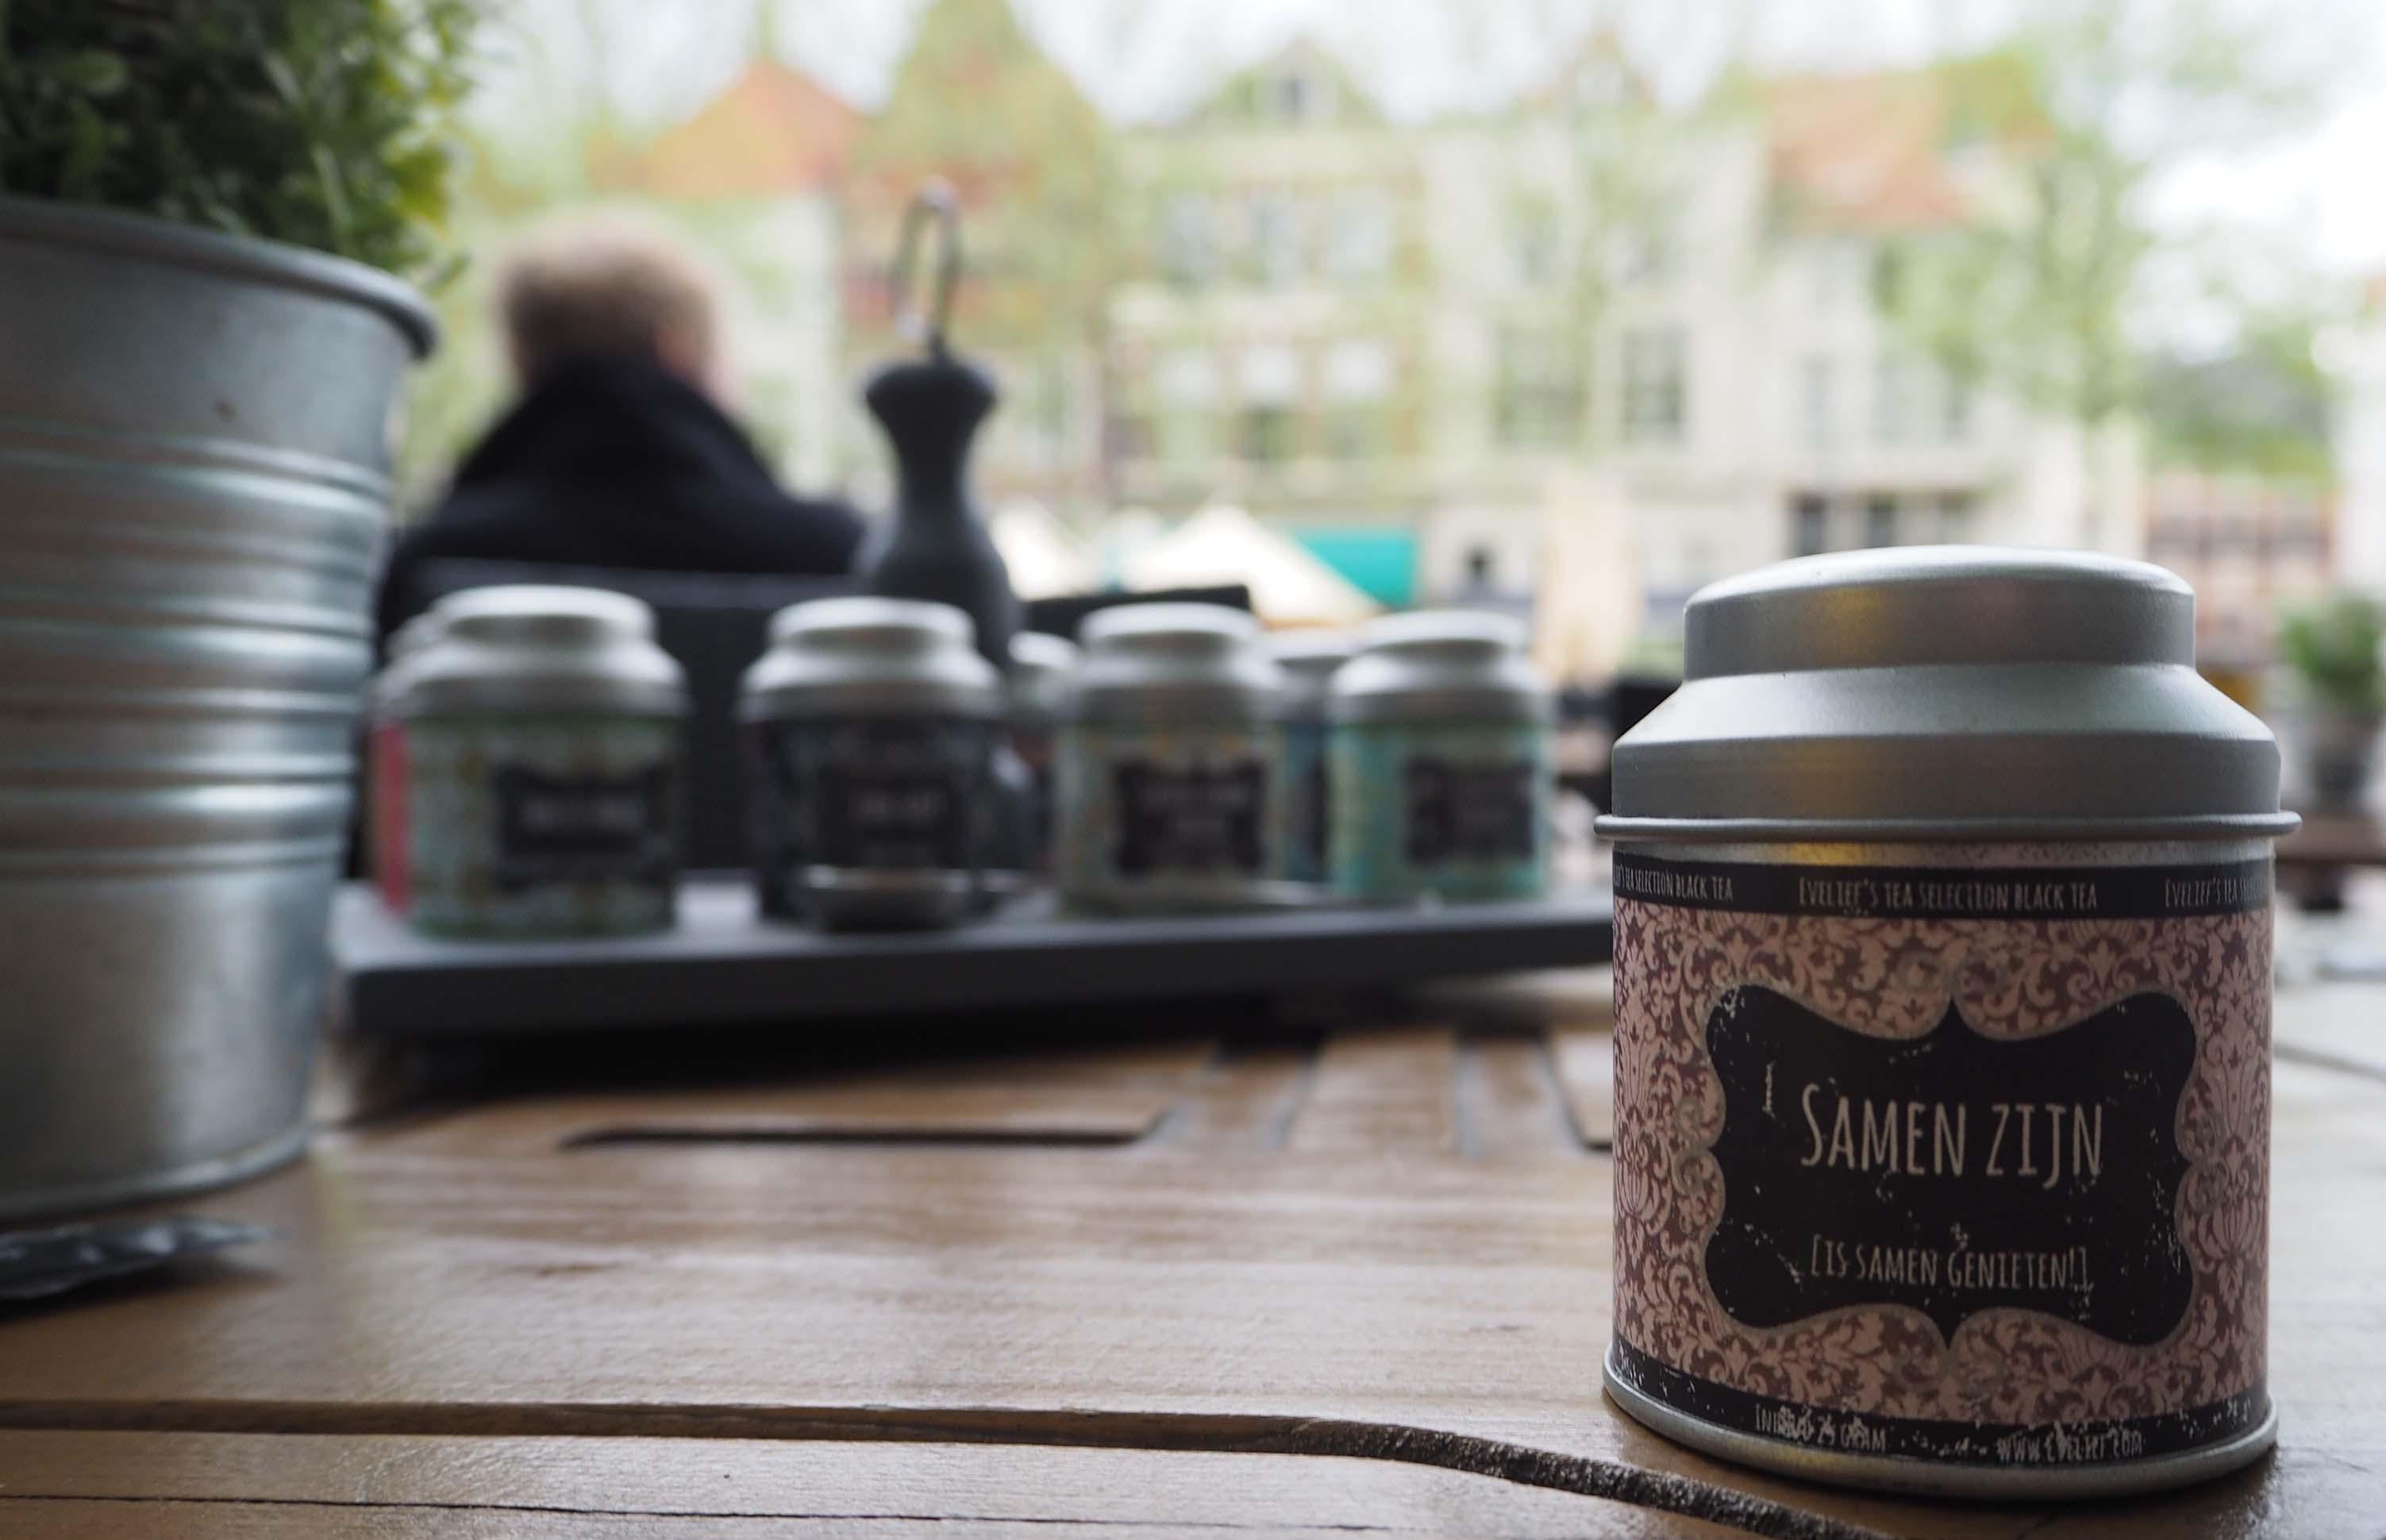 Hanzestad Deventer om de Brink liggen veel café, eethuizen en terrassen